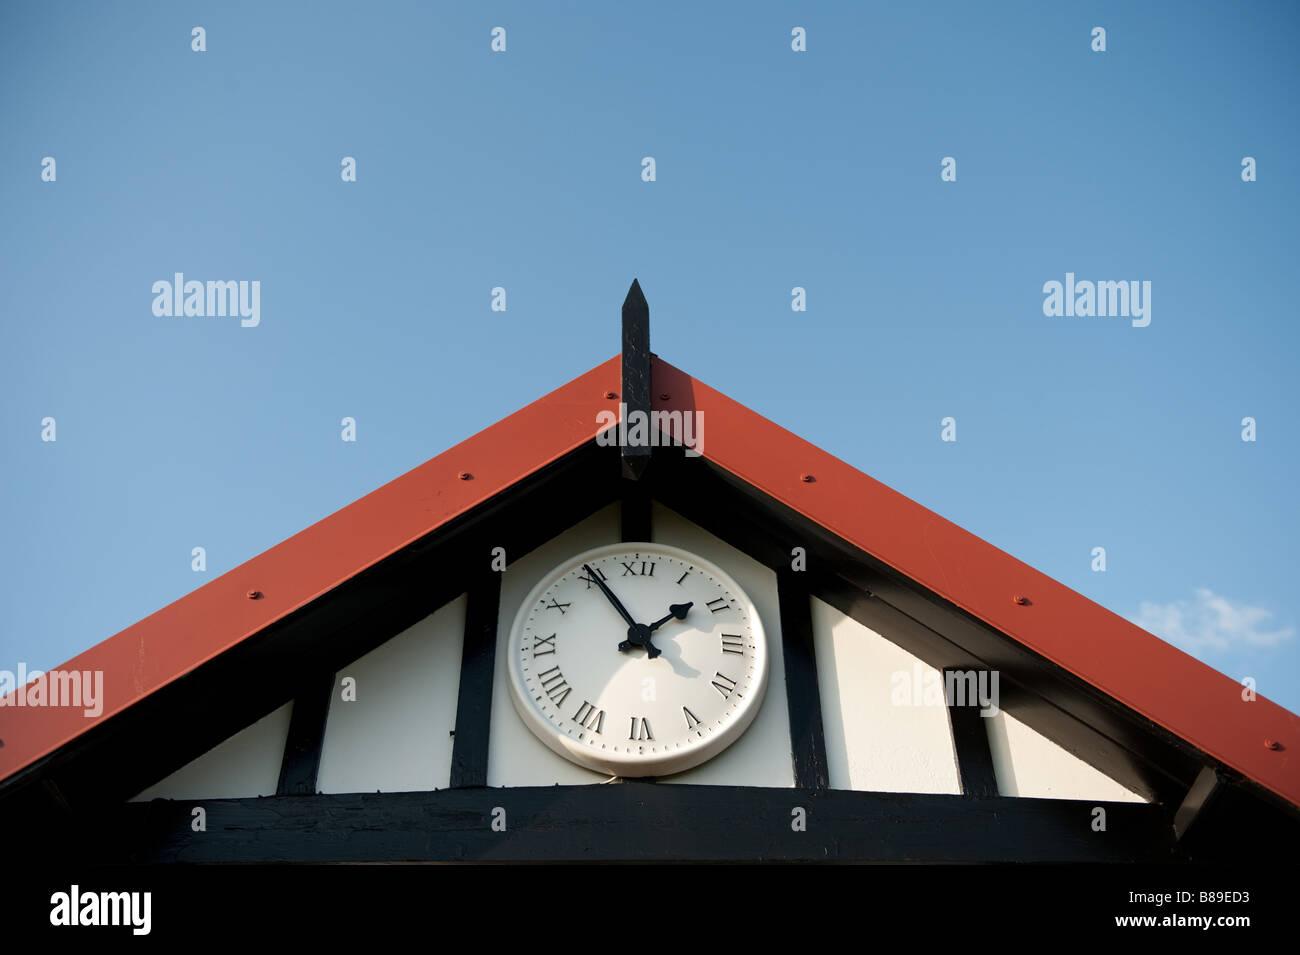 Reloj en pabellón de deportes exterior situado a cinco minutos a dos 1 55pm, el azul claro del cielo Imagen De Stock